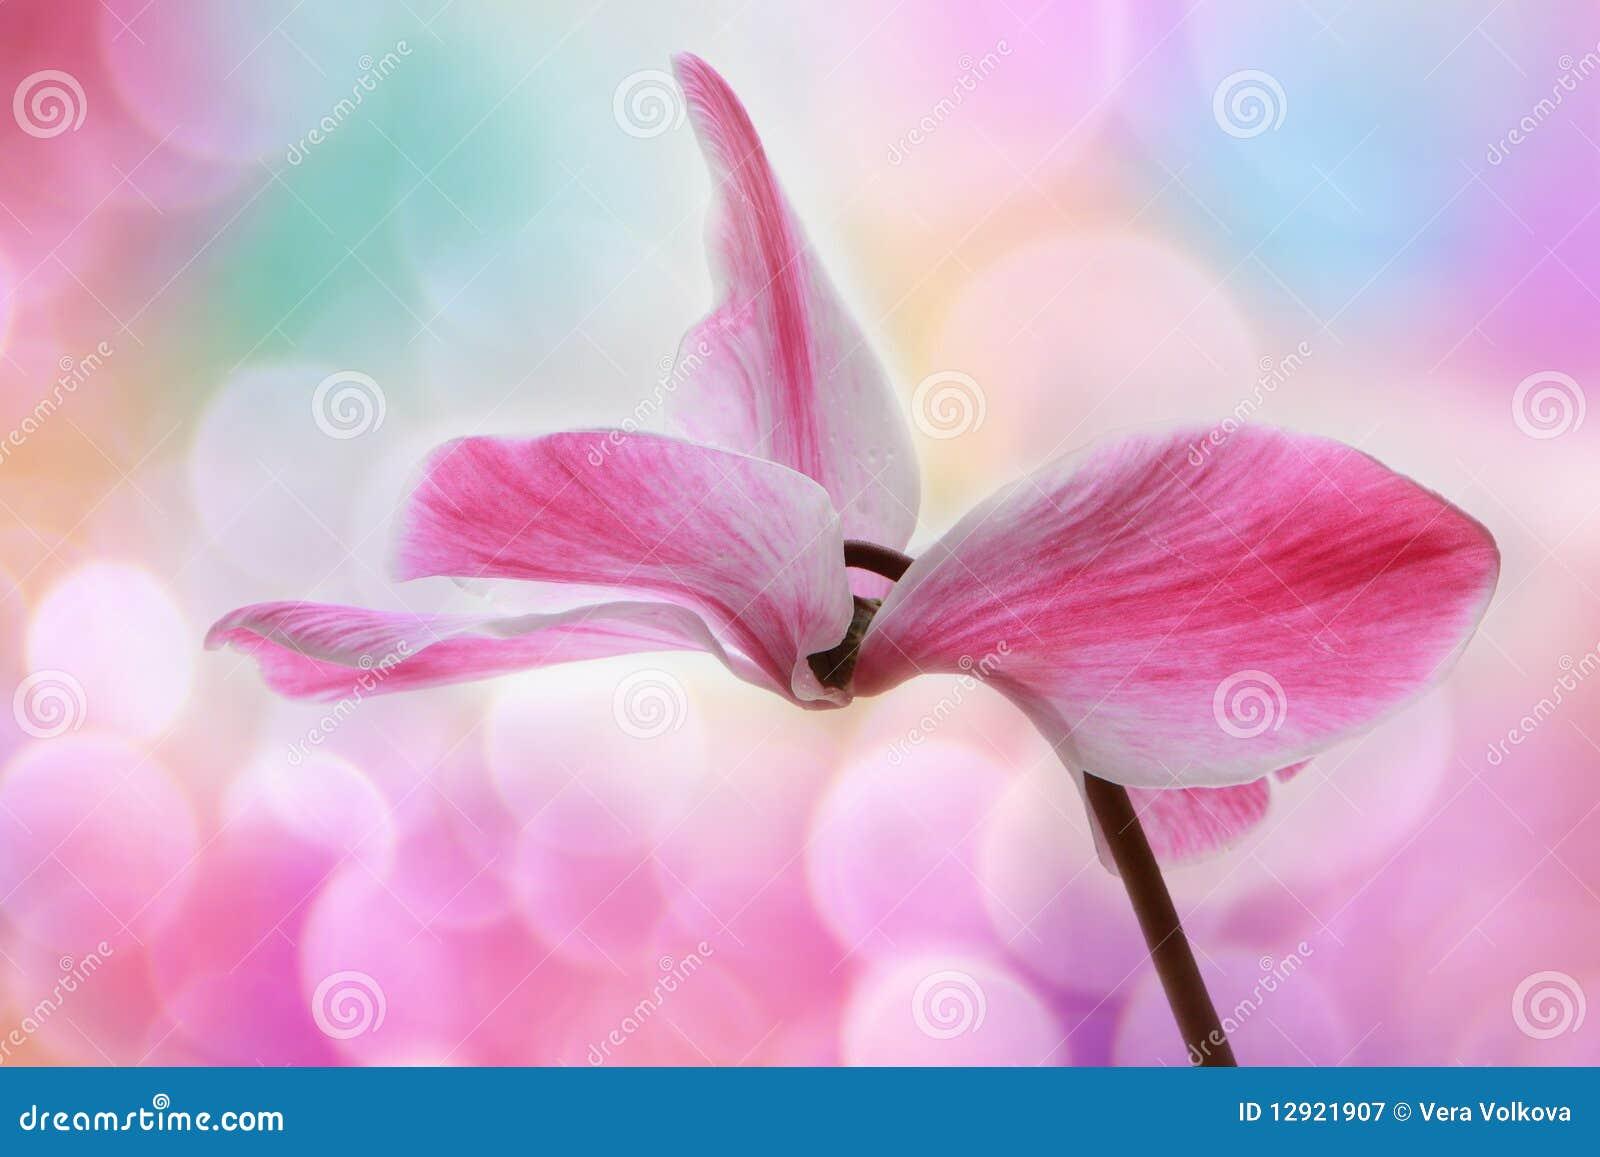 Cyclamen цветок